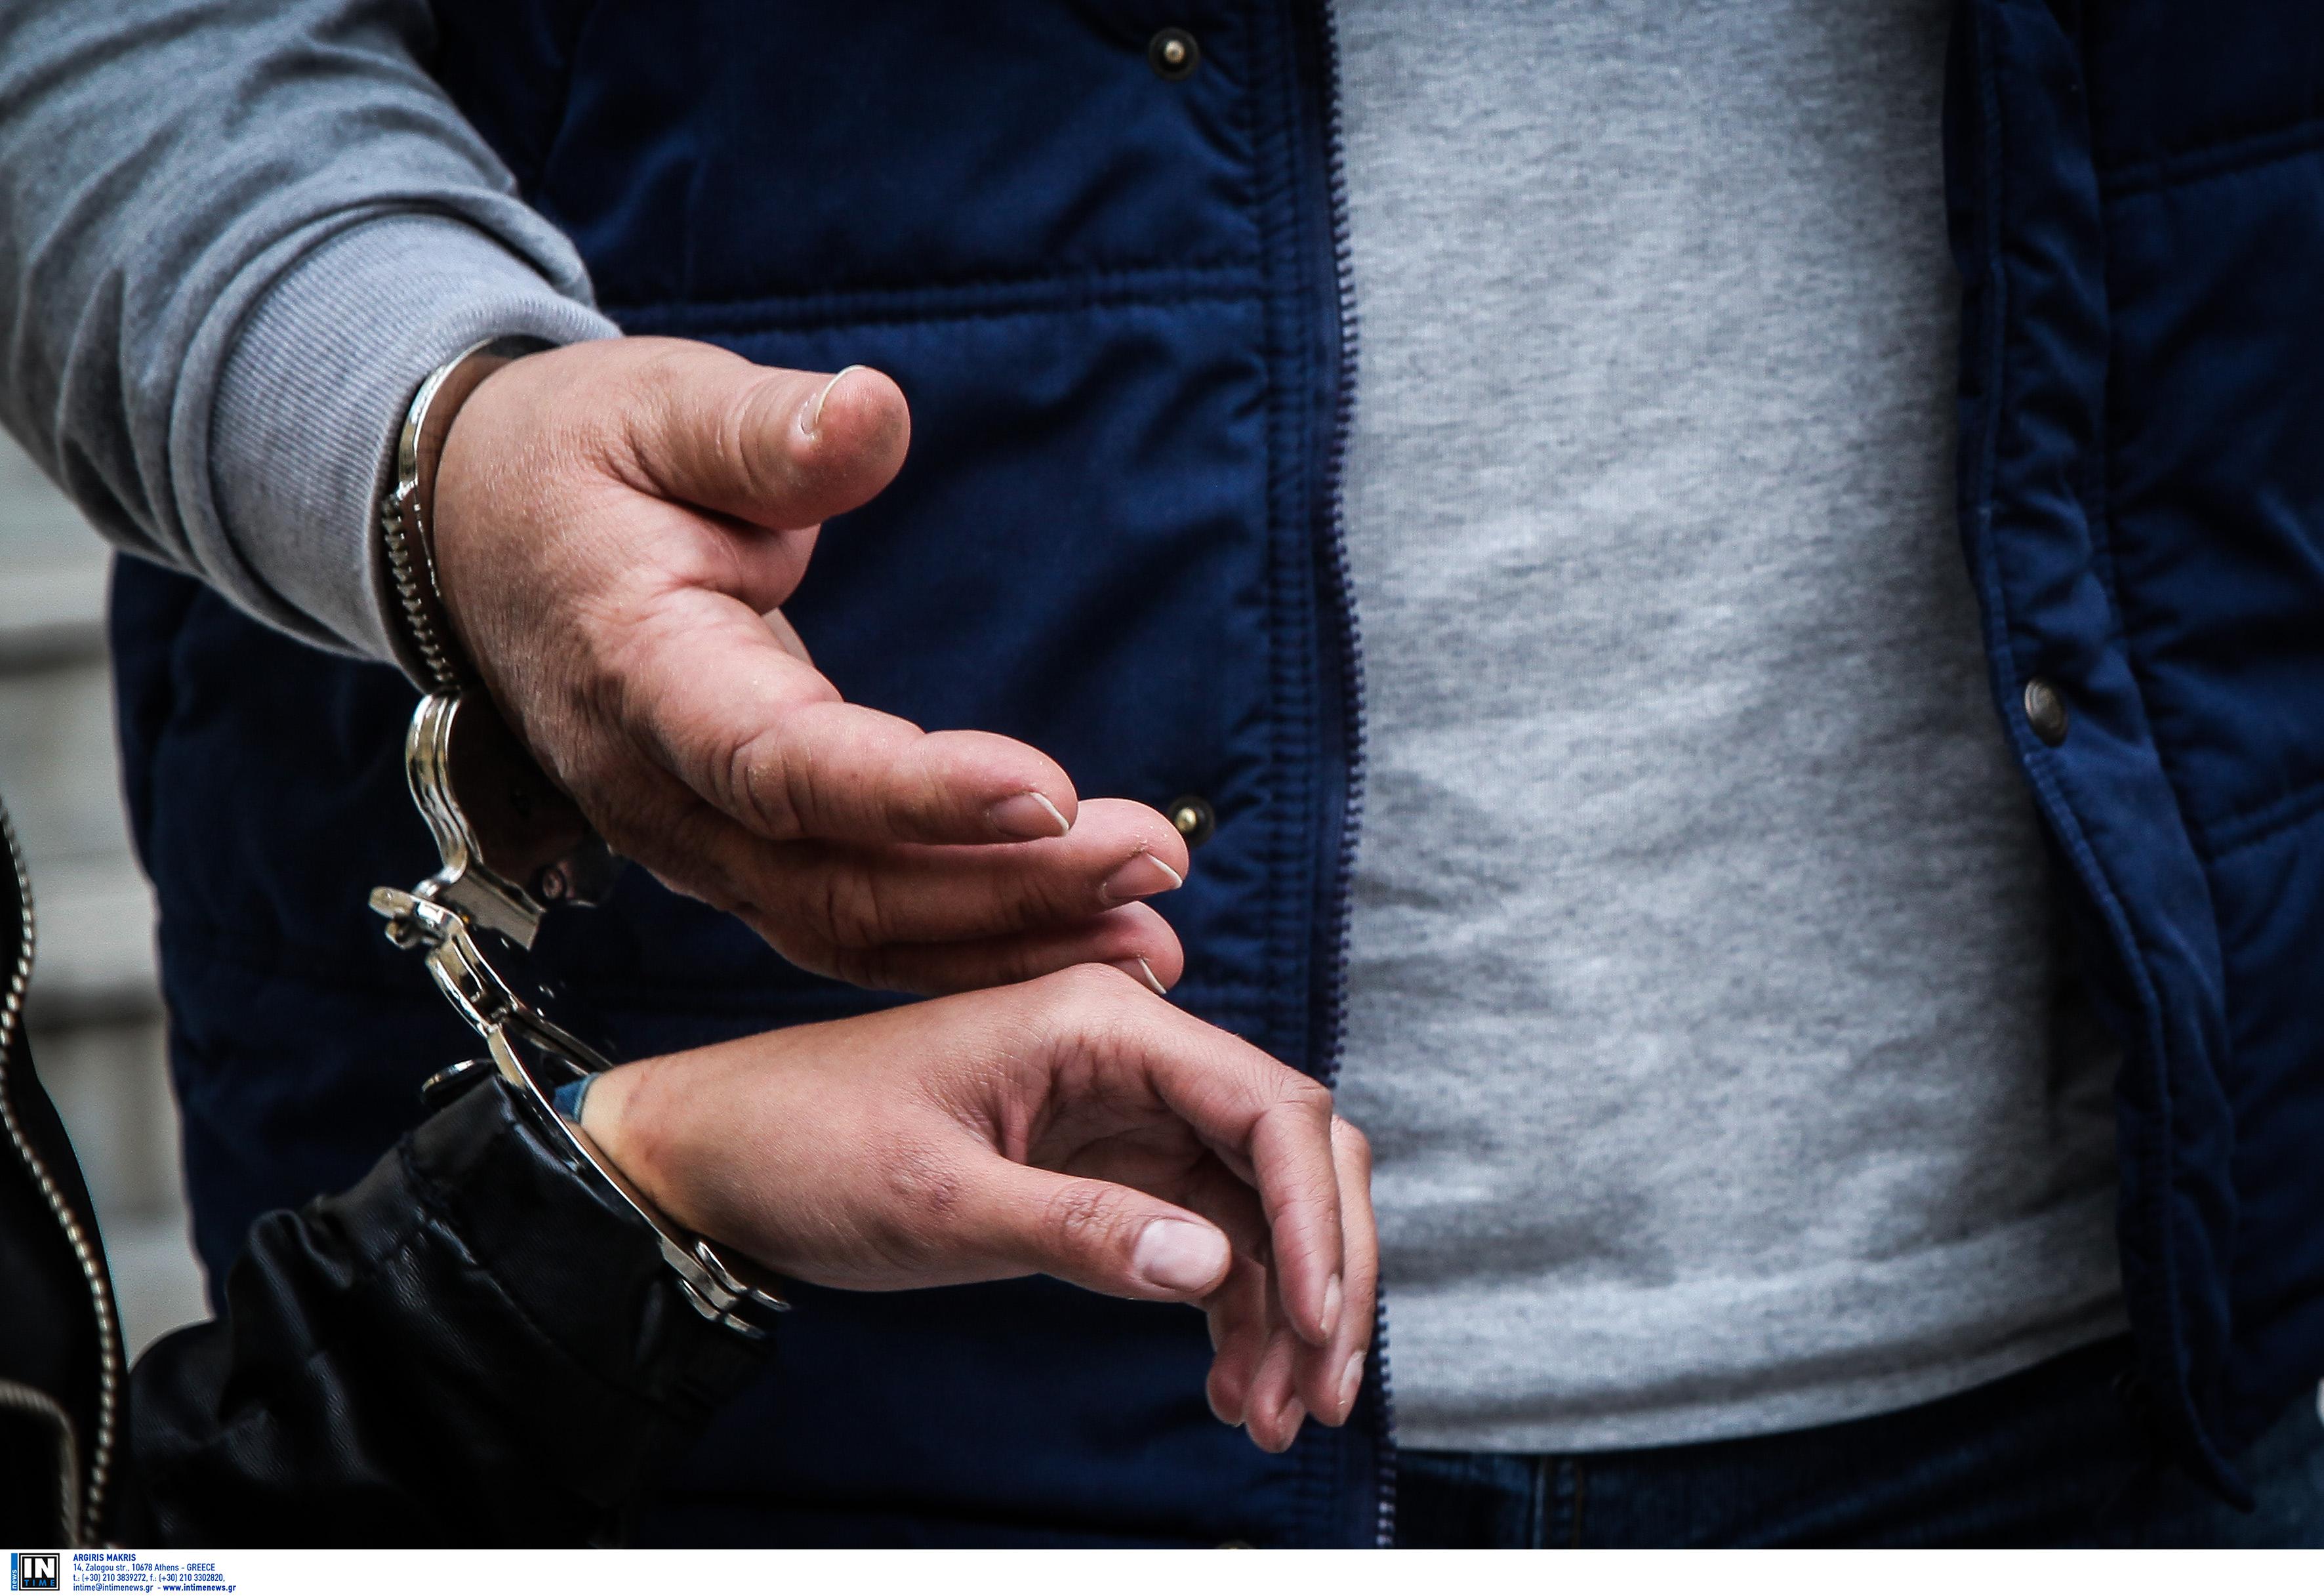 Κρήτη: Μεγάλη αστυνομική επιχείρηση με συλλήψεις για όπλα και ναρκωτικά – Στο στόχαστρο οικογένεια από τον Μυλοπόταμο!